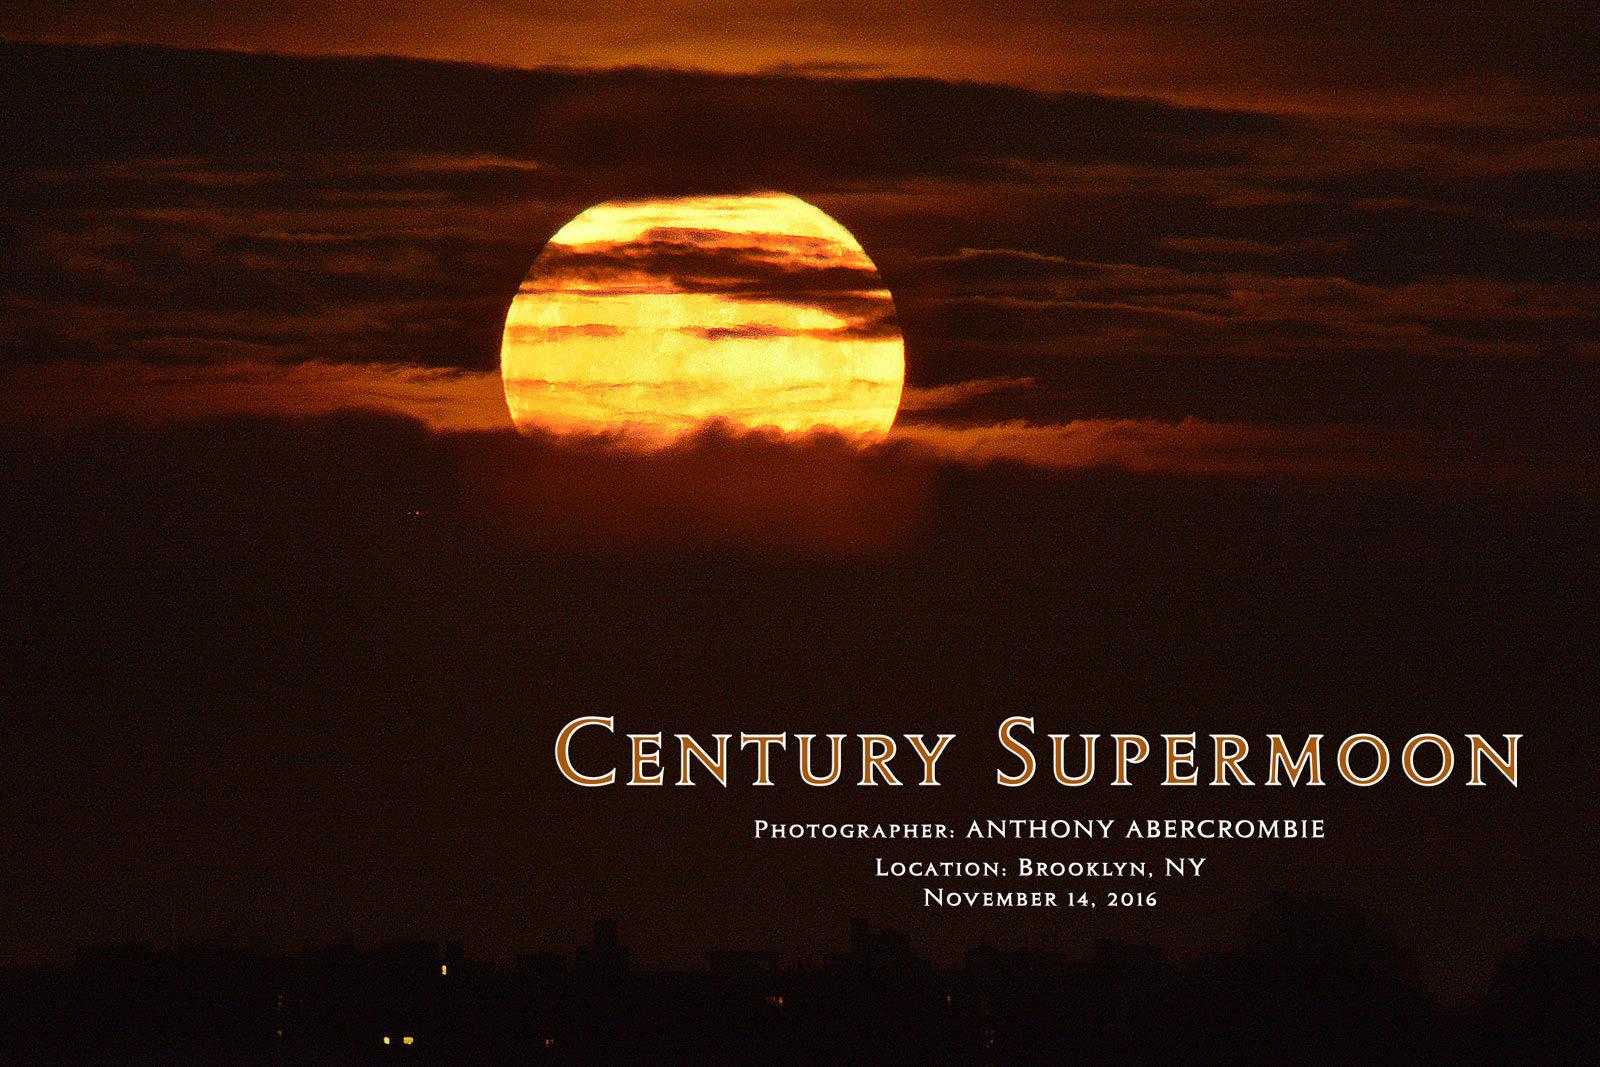 Century Supermoon Poster 18x24 00000